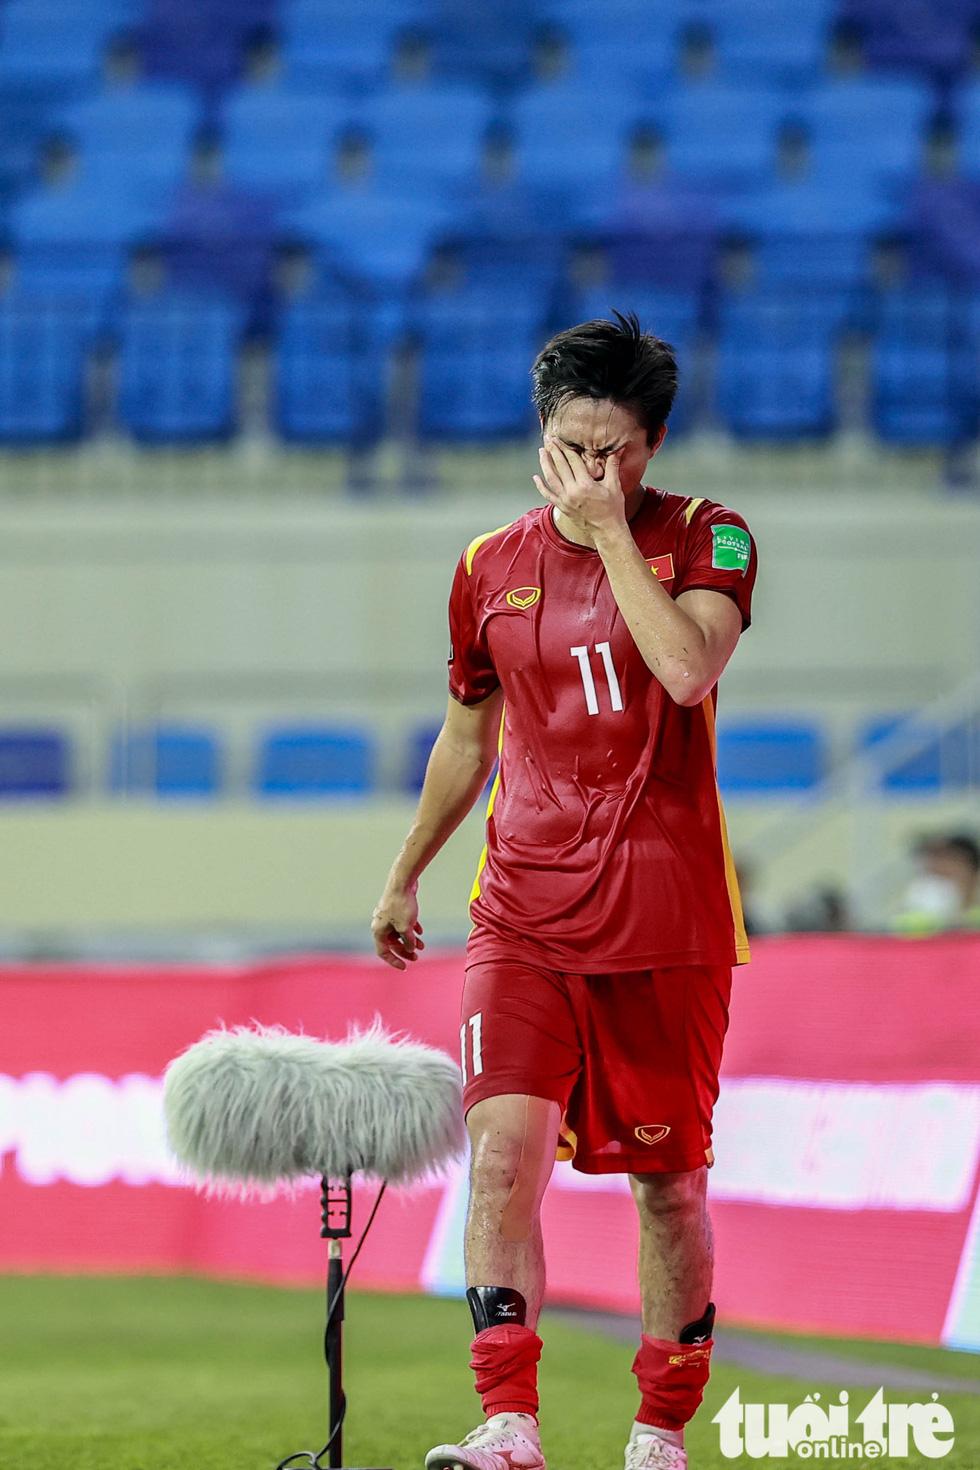 Những pha bóng triệt hạ xấu xí của tuyển Indonesia nhắm vào tuyển thủ Việt Nam - Ảnh 6.